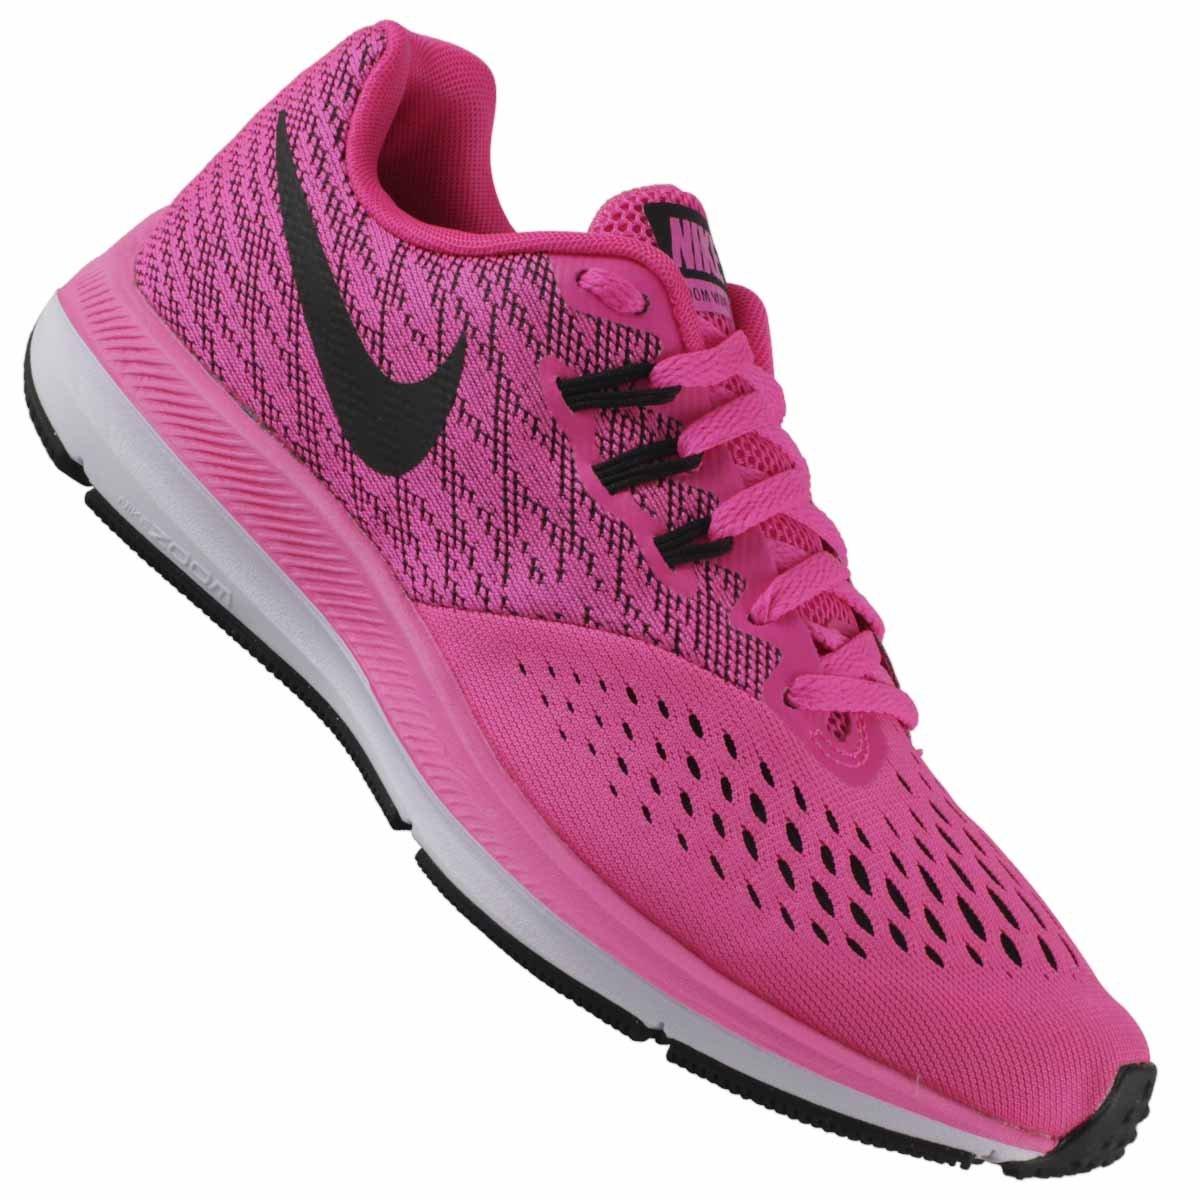 49ab9ea4b9 Tênis Nike Wmns Zoom Winflo 4 Feminino